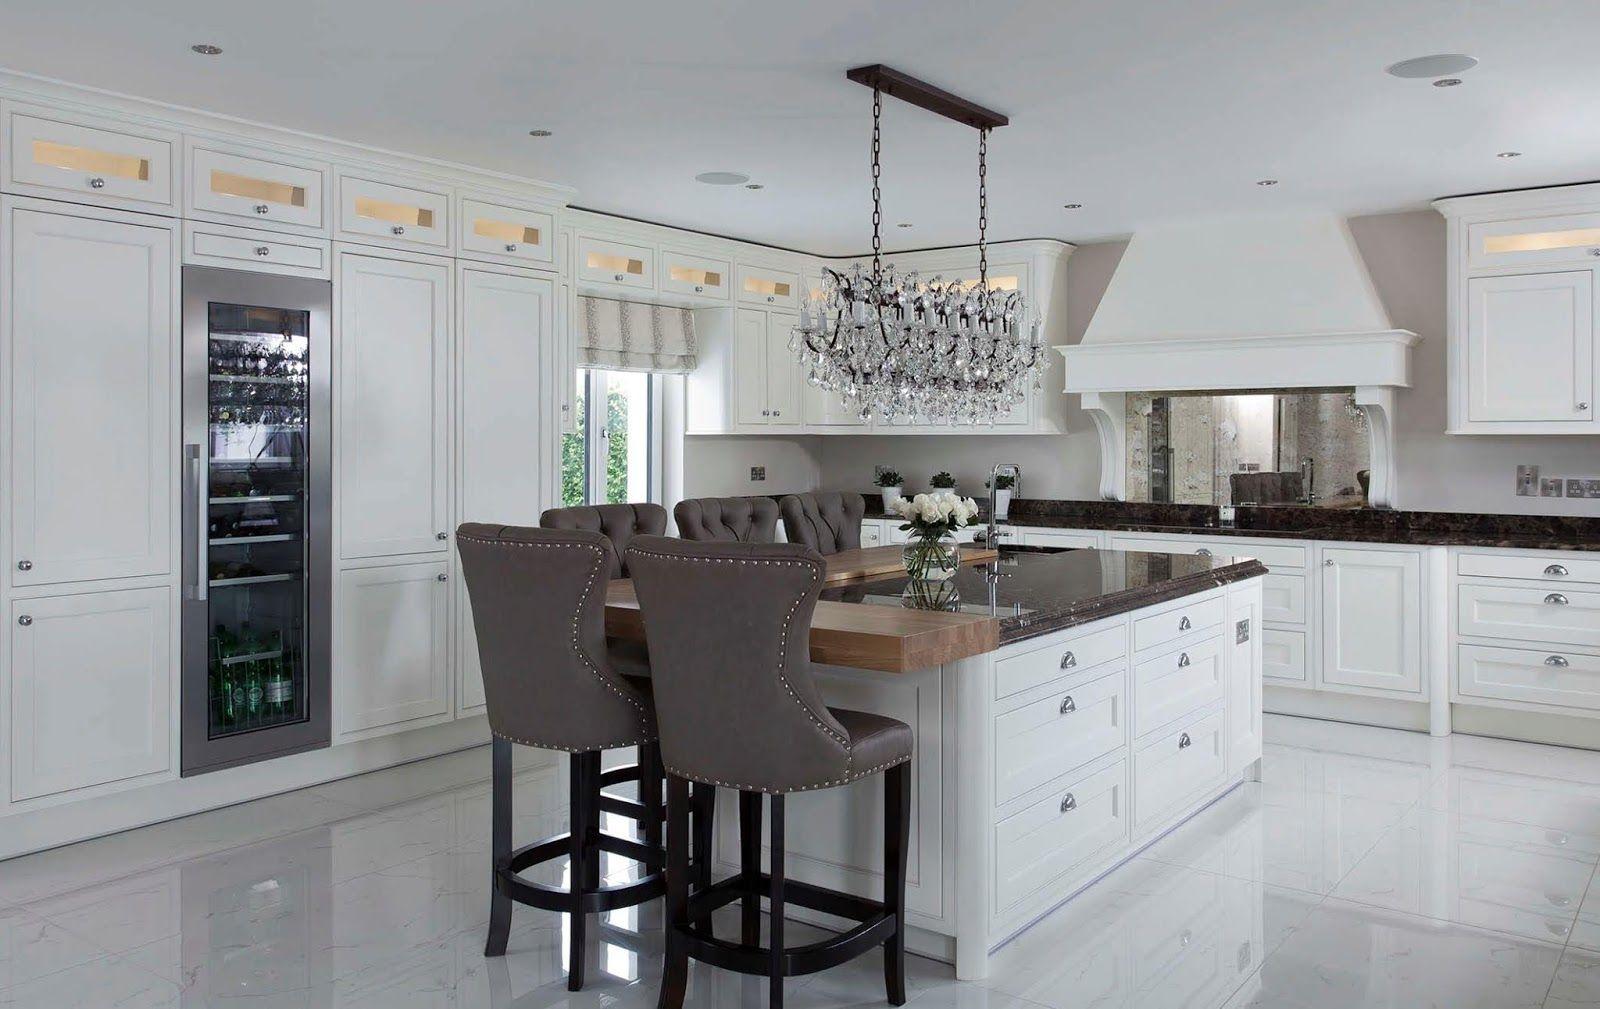 best 52 small kitchen design ideas kitchen decorating ideas rh pinterest com